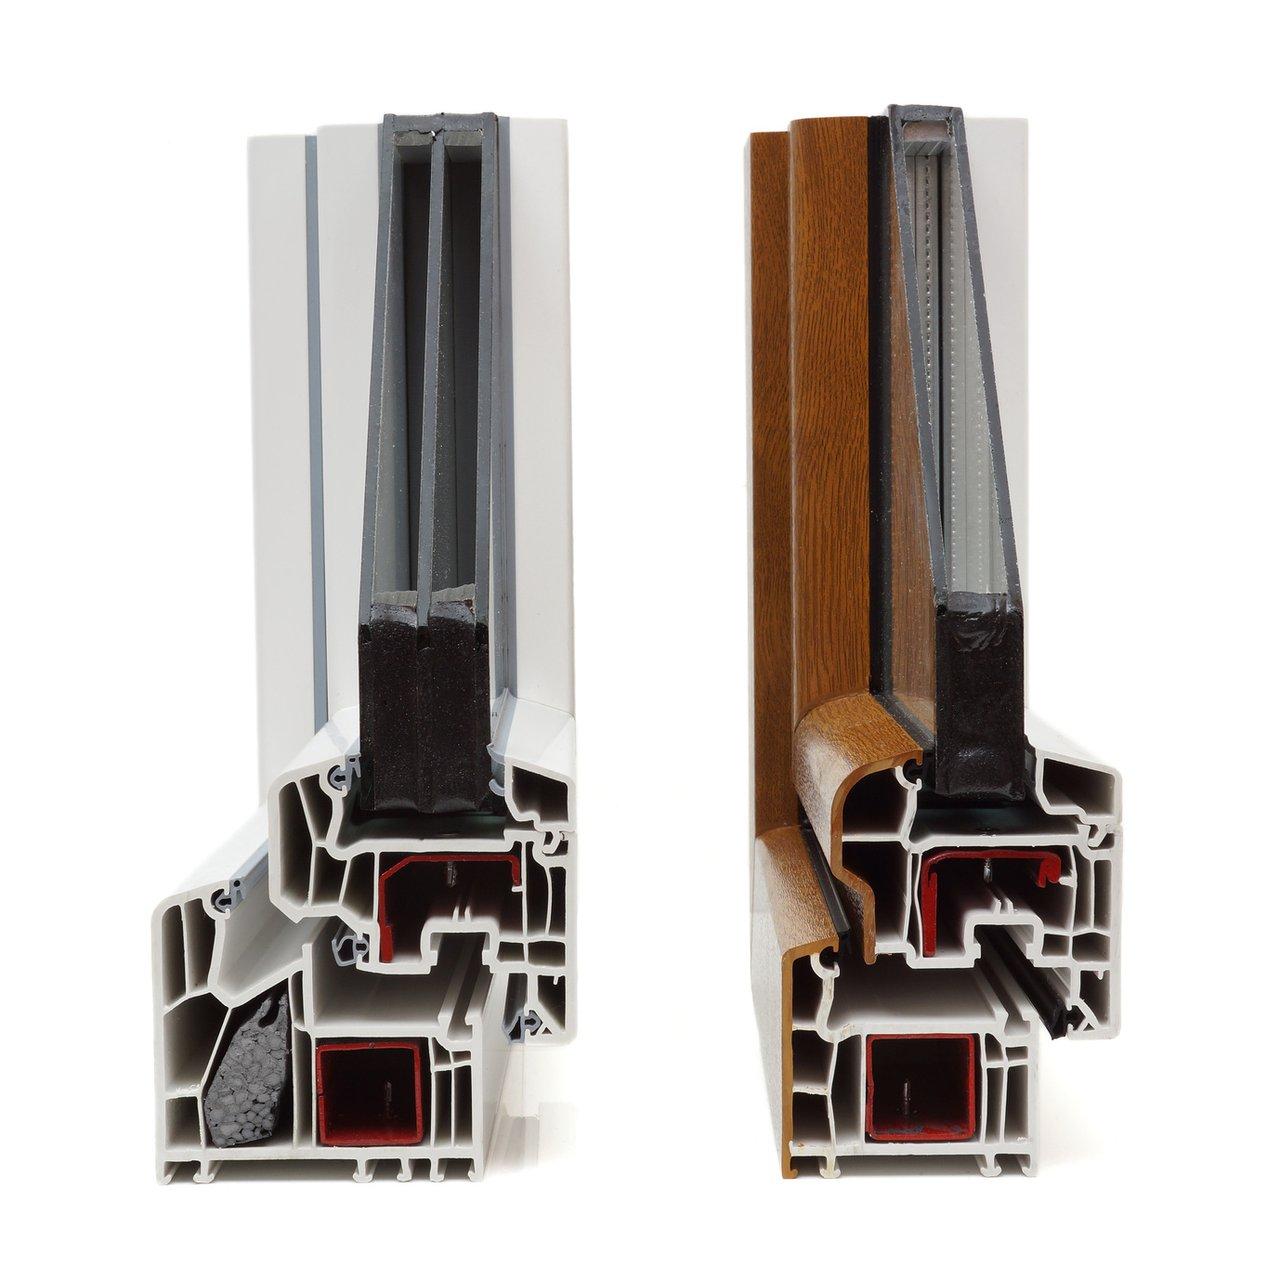 Kunststofffenster - schön vielseitig und gar nicht mal so teuer ...